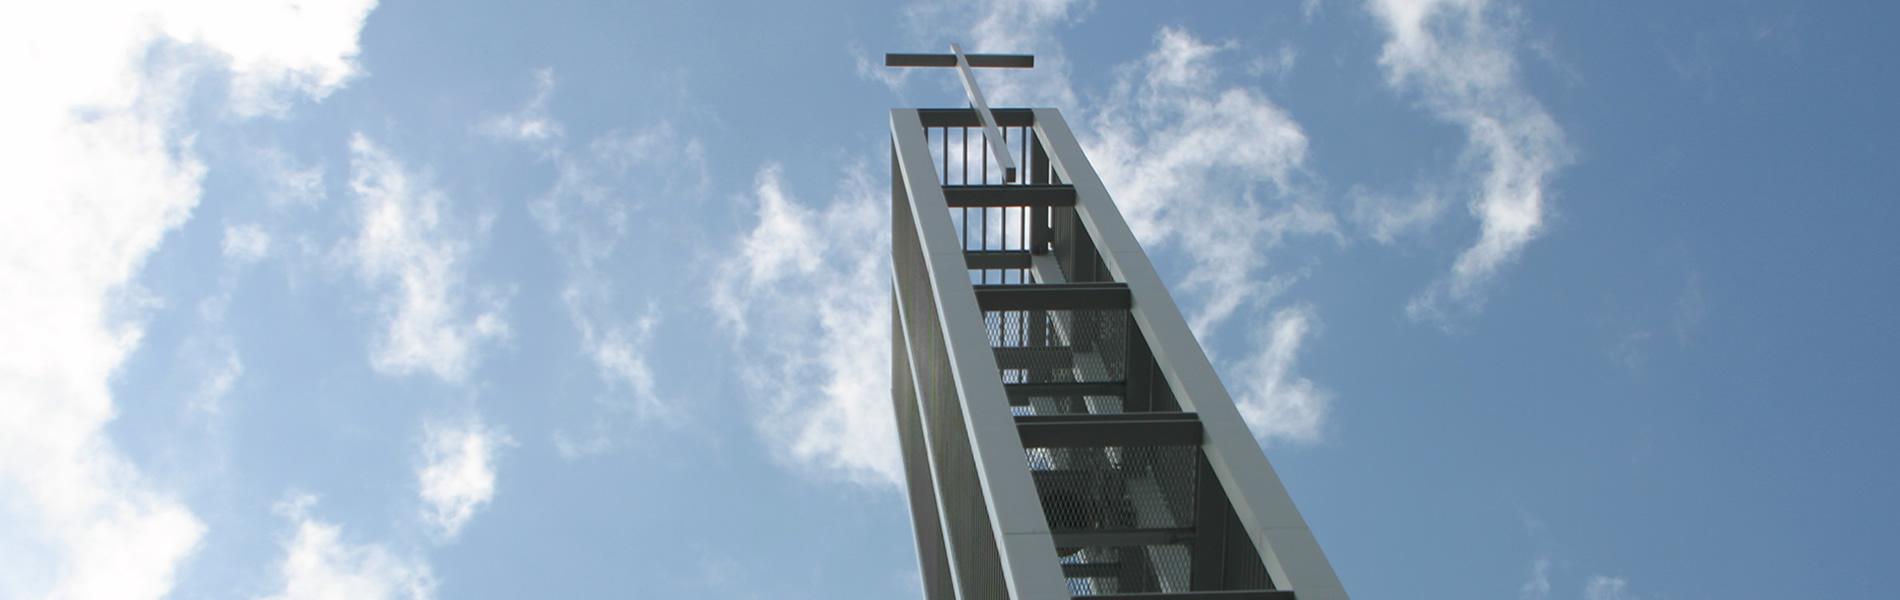 ザビエル教会の鐘楼